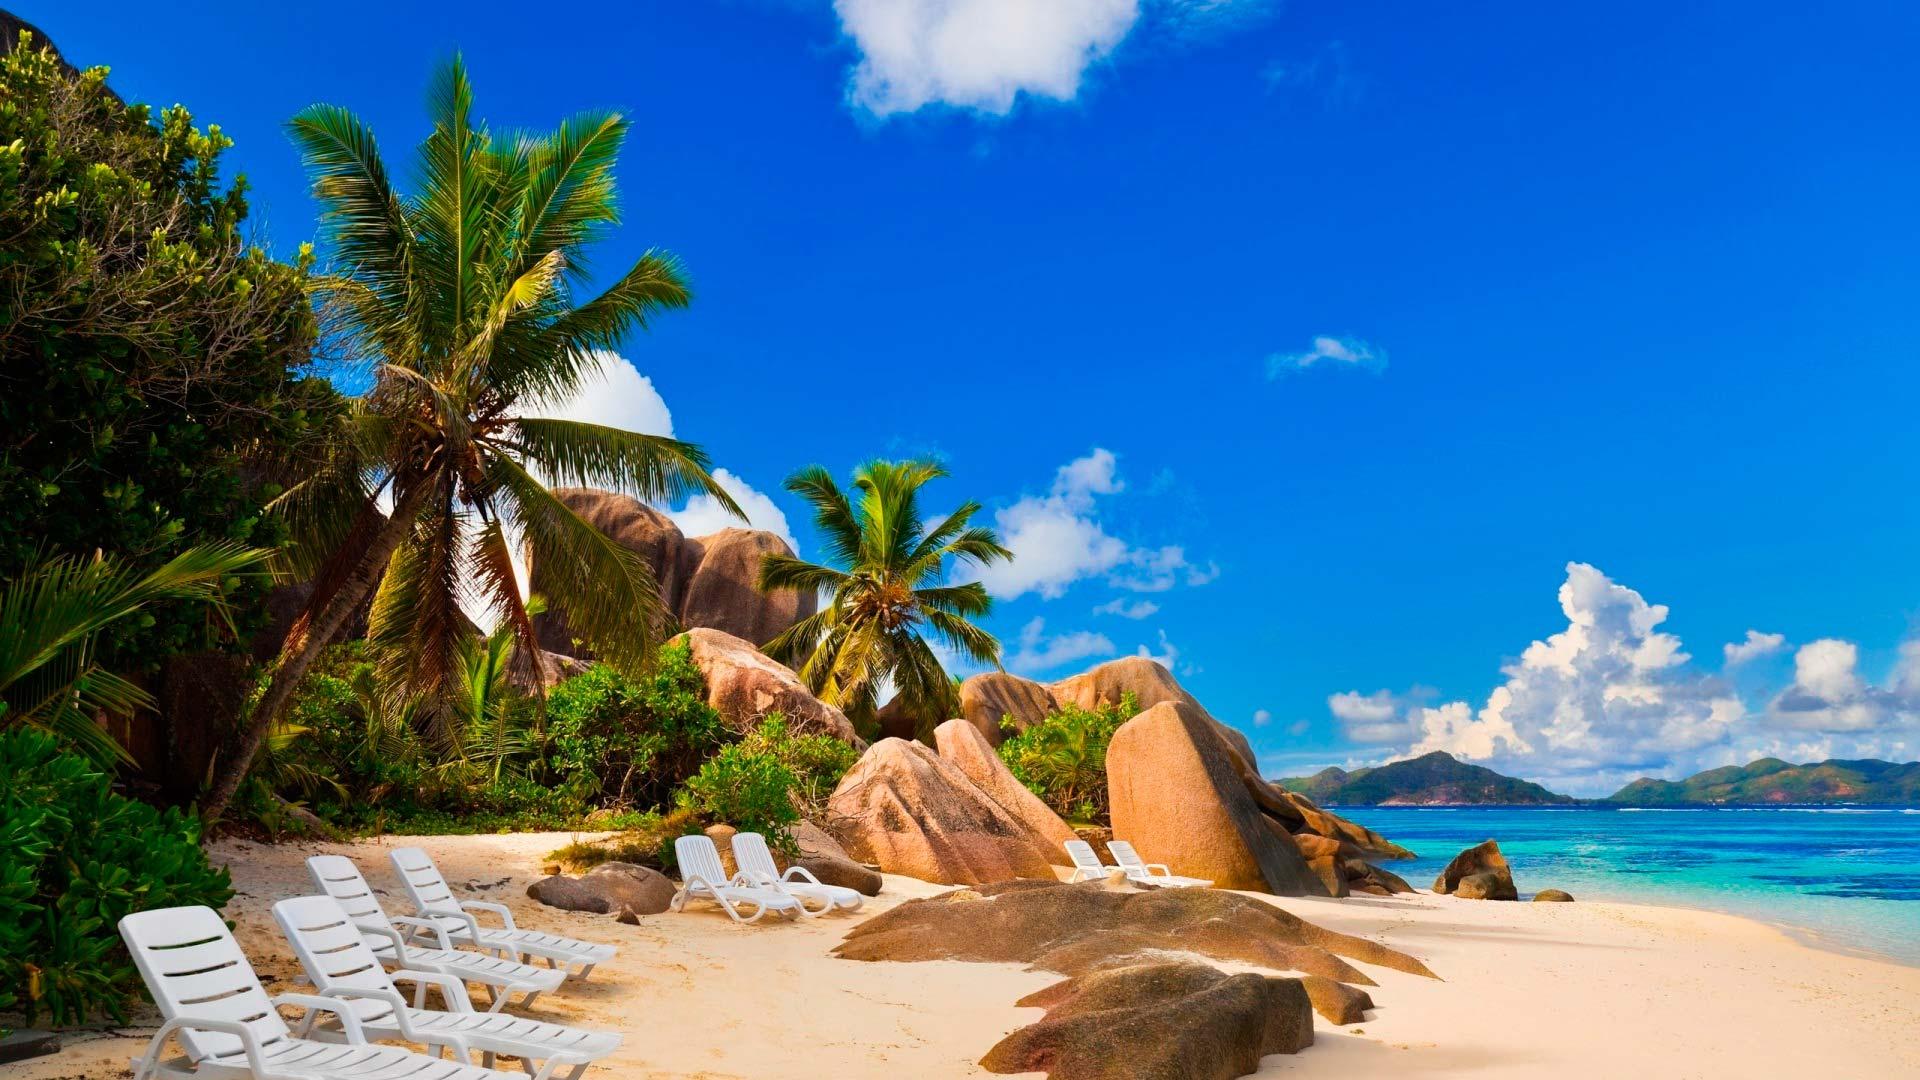 Пляжи обои для рабочего стола, картинки и фото - t